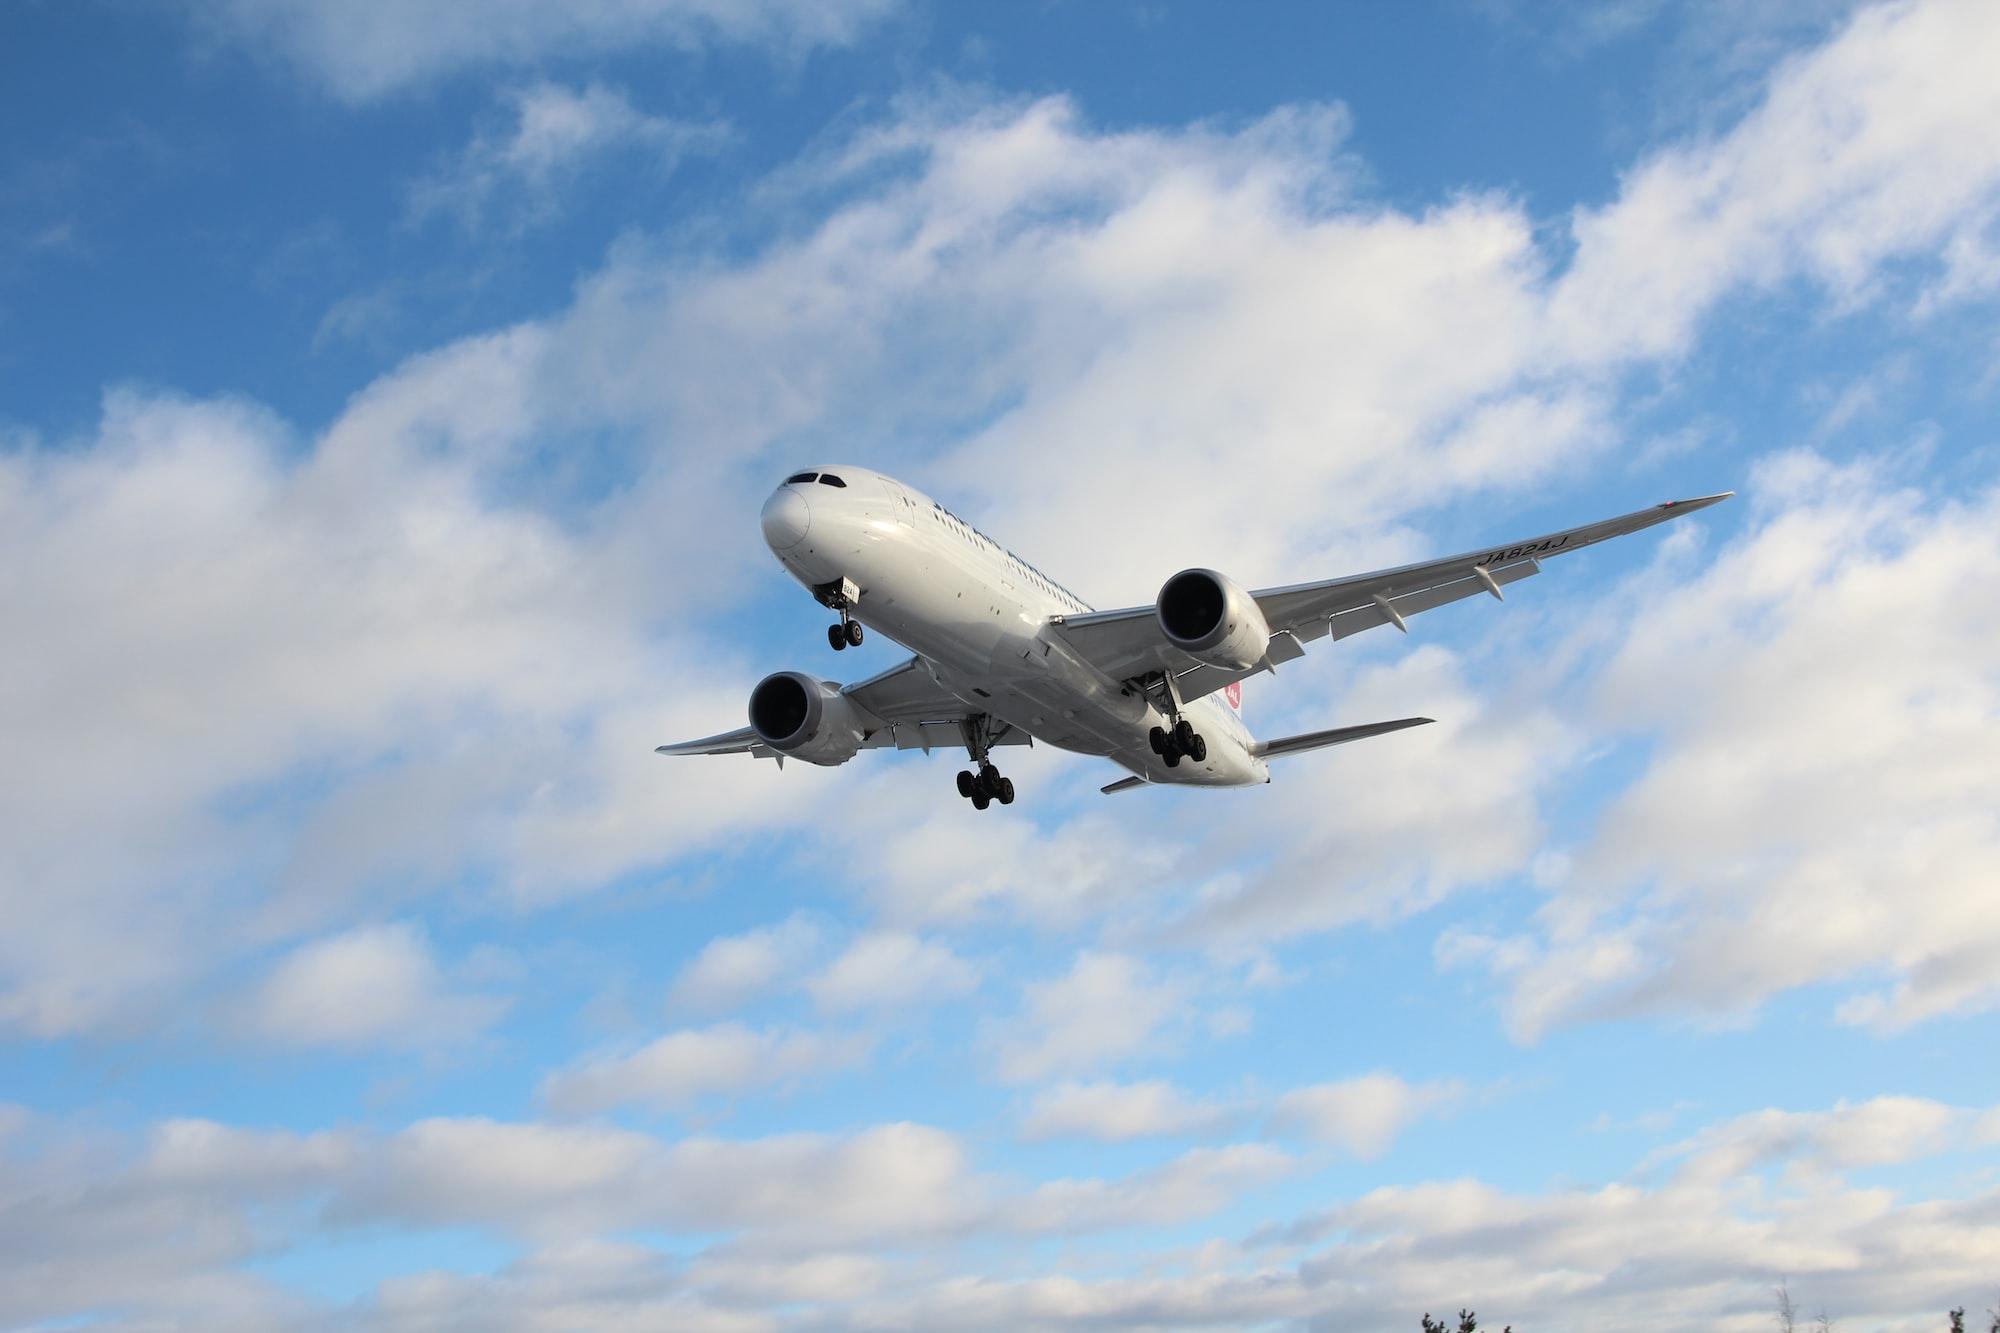 झुनझुनवाला चले भारत की सबसे सस्ती एयरलाइन बनाने, चार साल में तैयार हो जाएगी